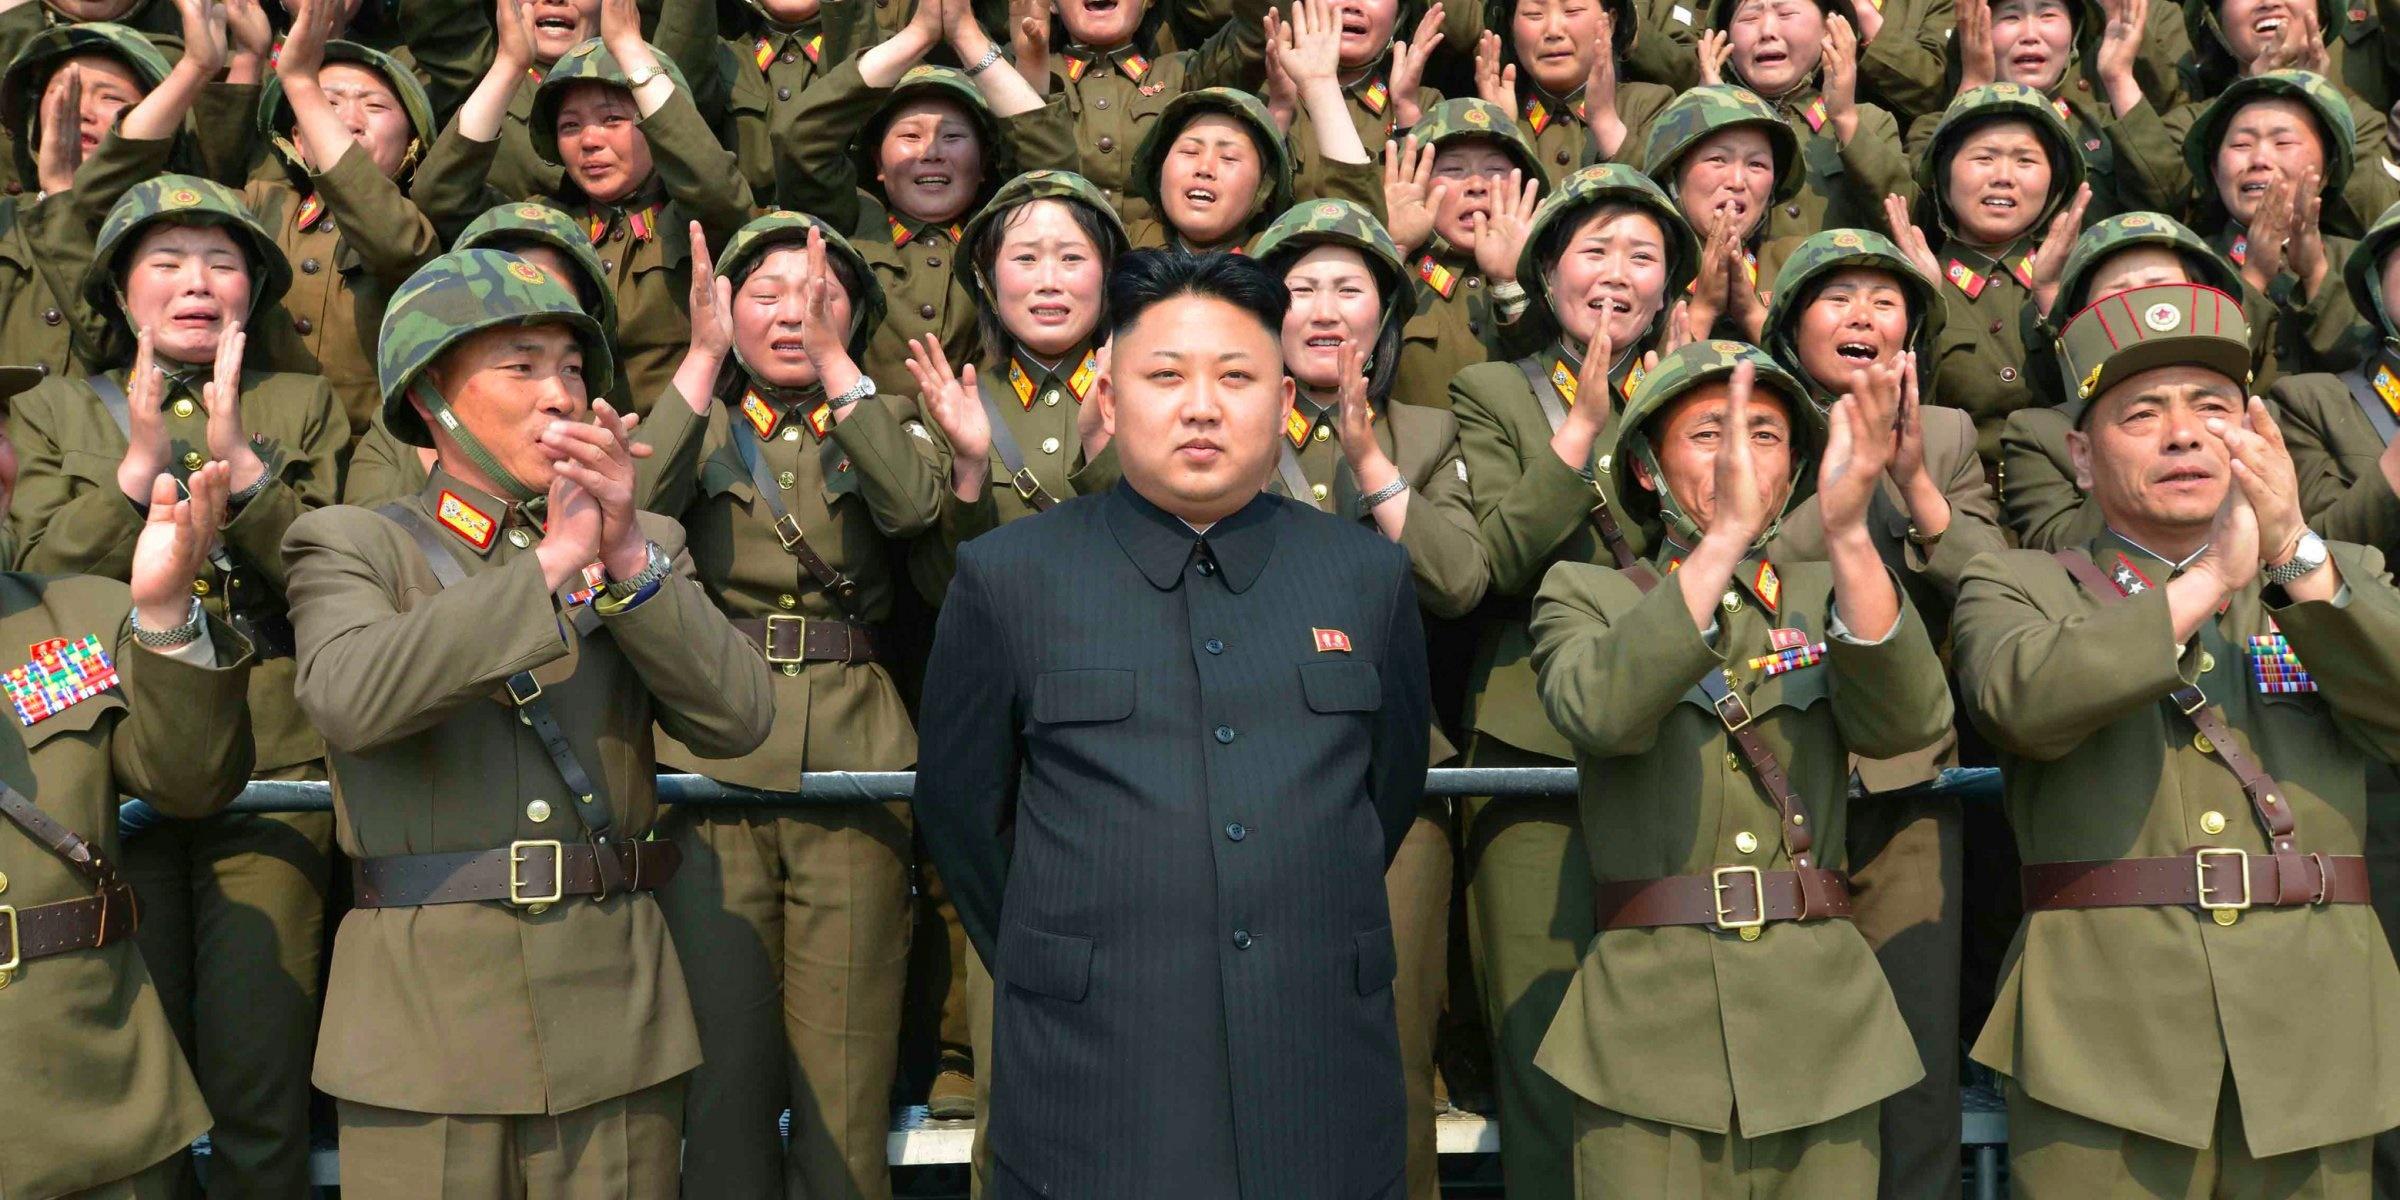 جنگ احتمالی کره شمالی و آمریکا با اقتصاد جهانی چه خواهد کرد؟